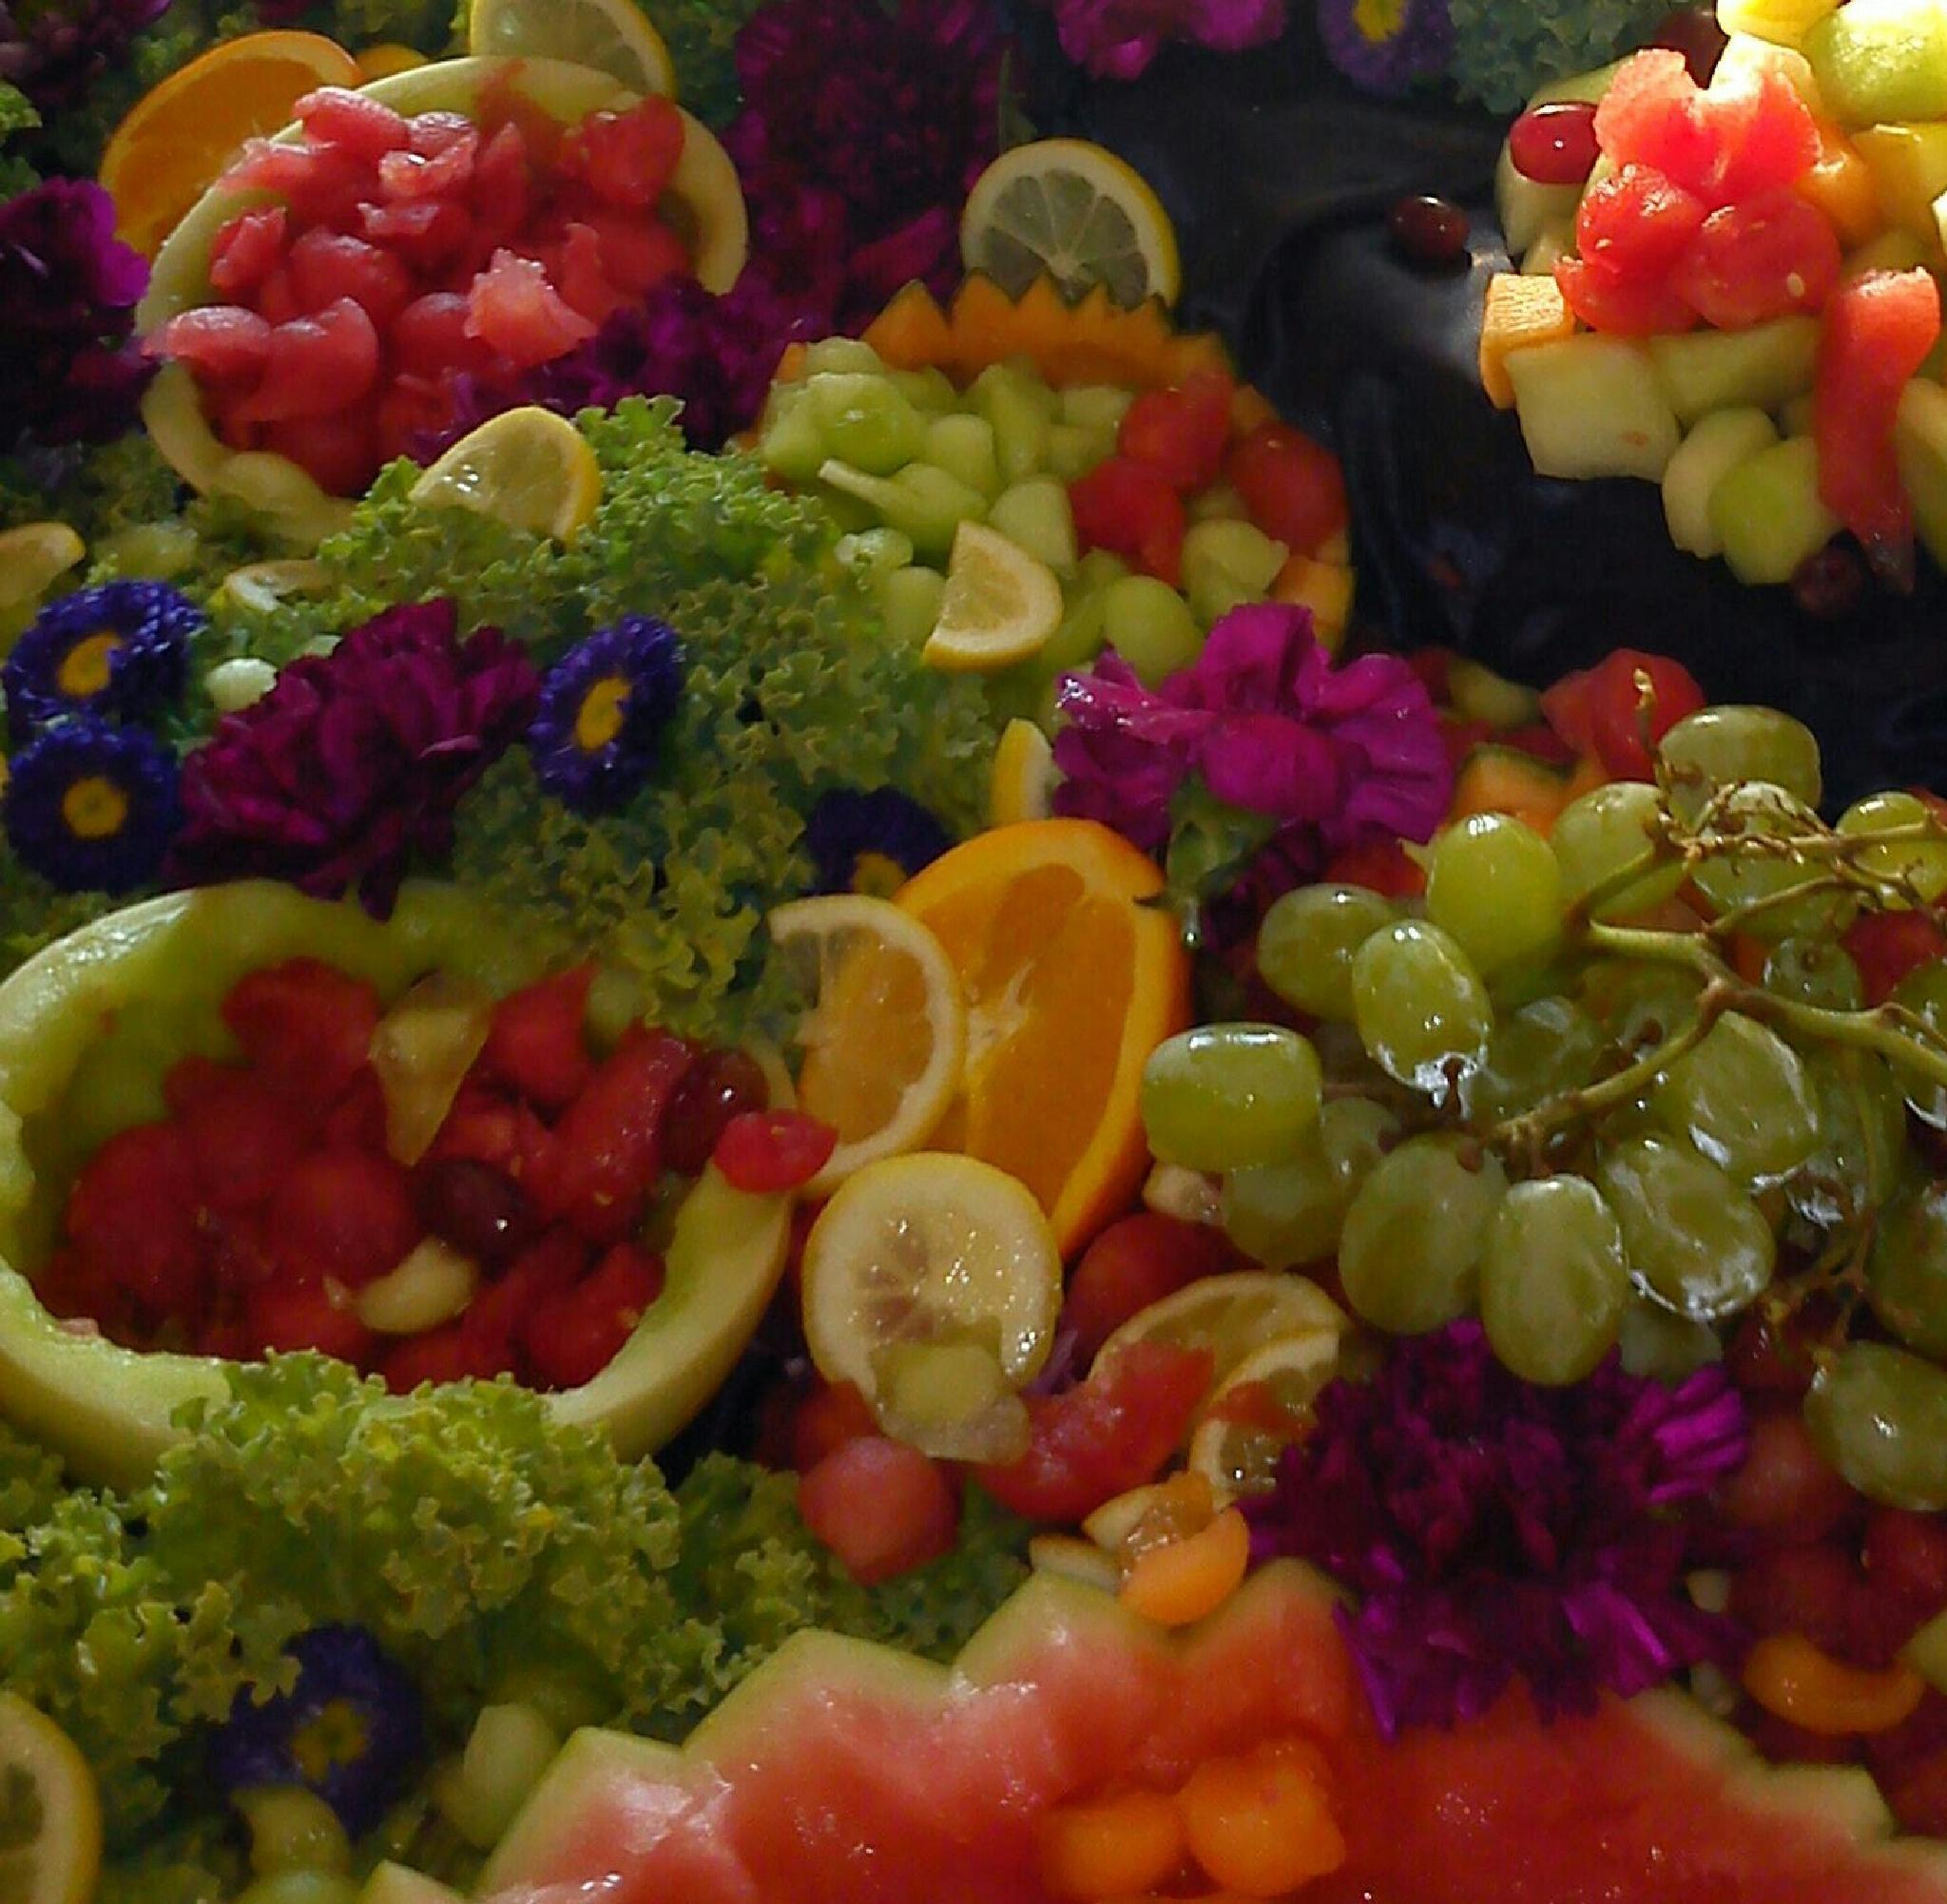 fruit o'plenty by katonthebay